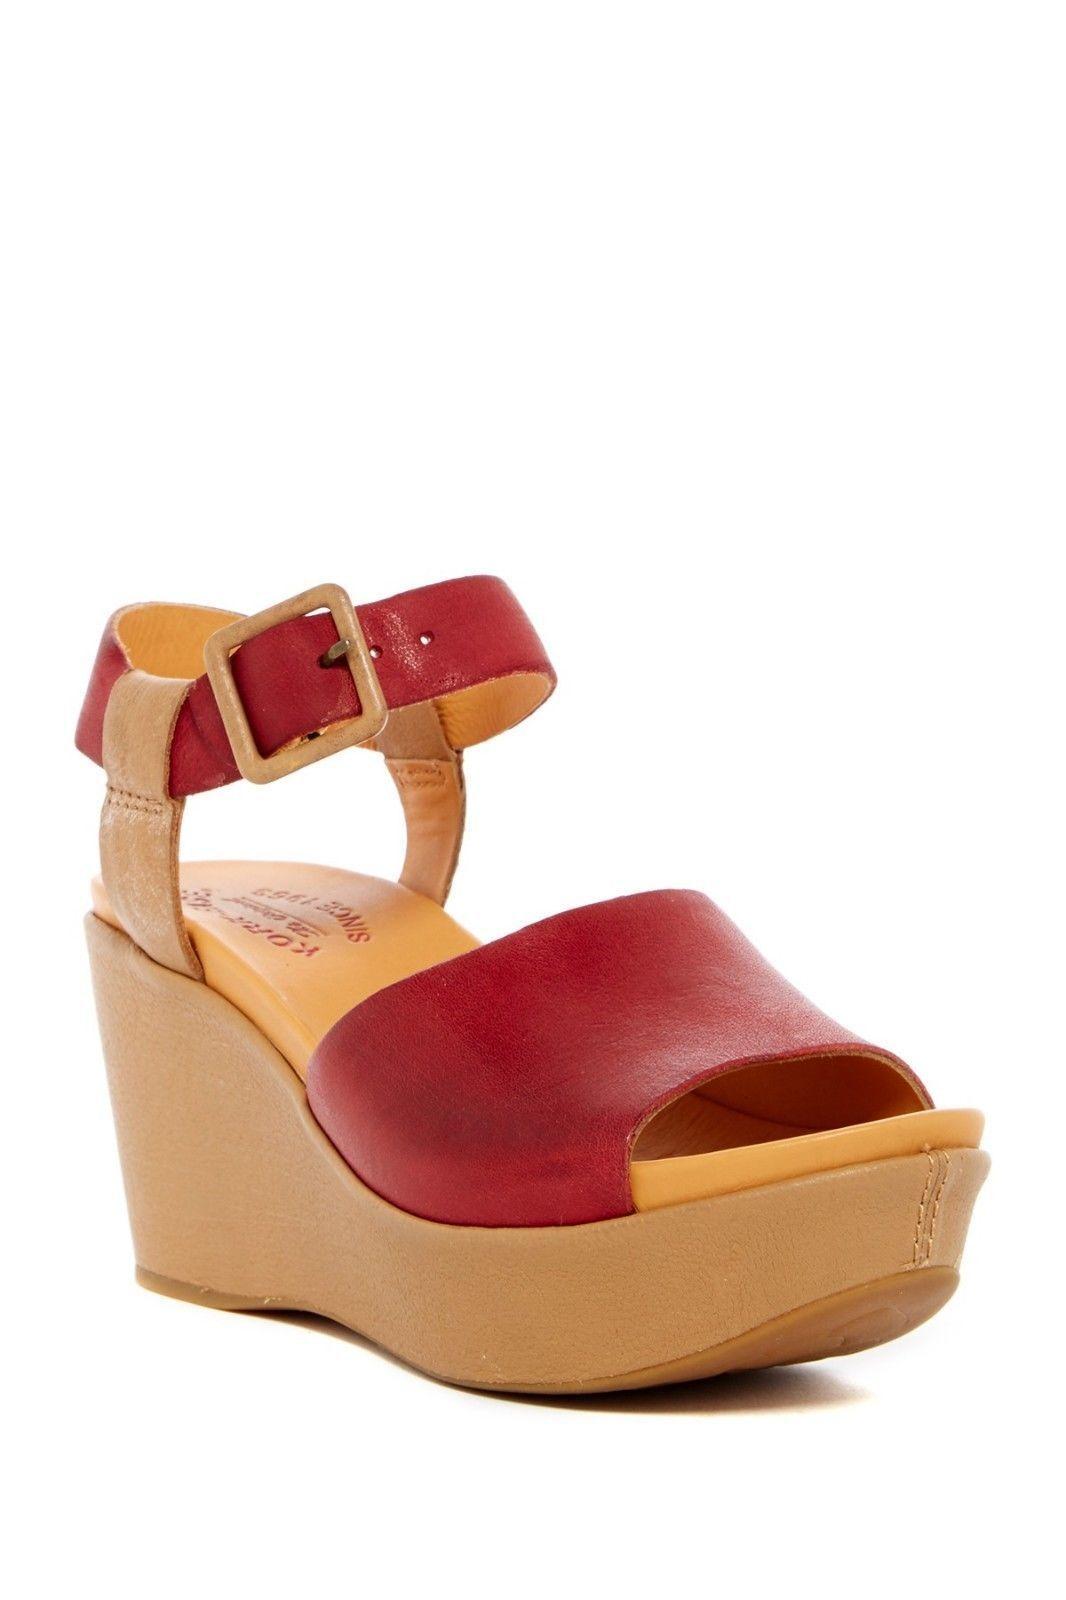 Kork  -Ease donna Keirn rosso Platform Wedge Sandals Sz 9 Leather Ankle Strap NEW  risposte rapide